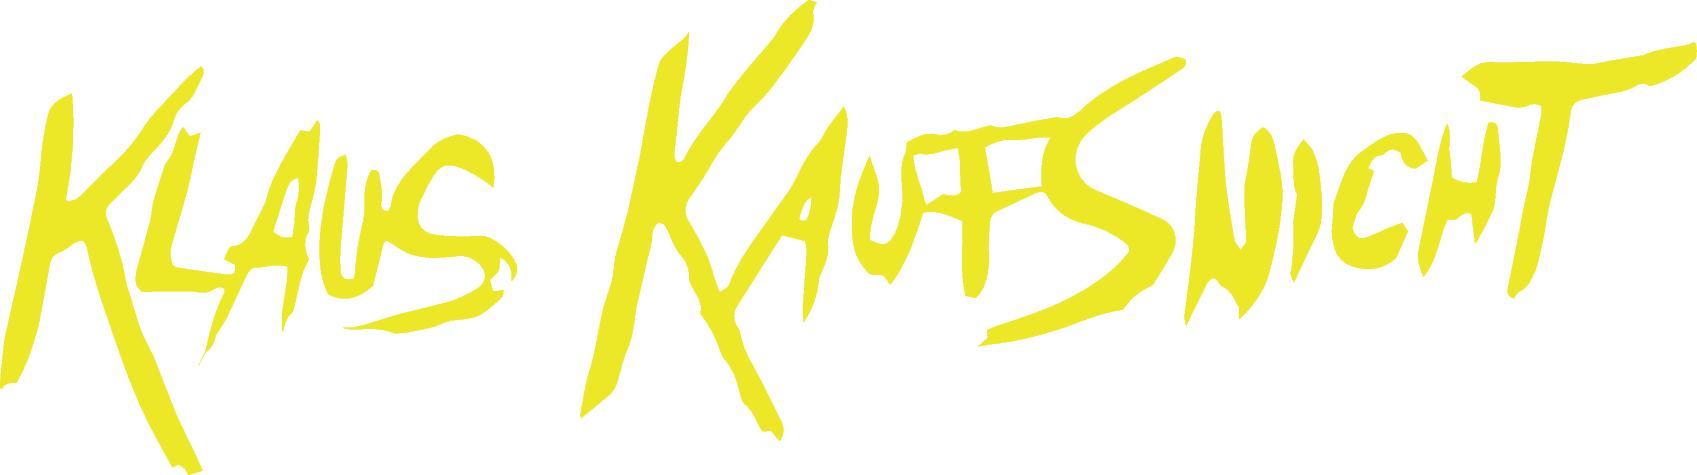 KLAUS KAUFSNICHT